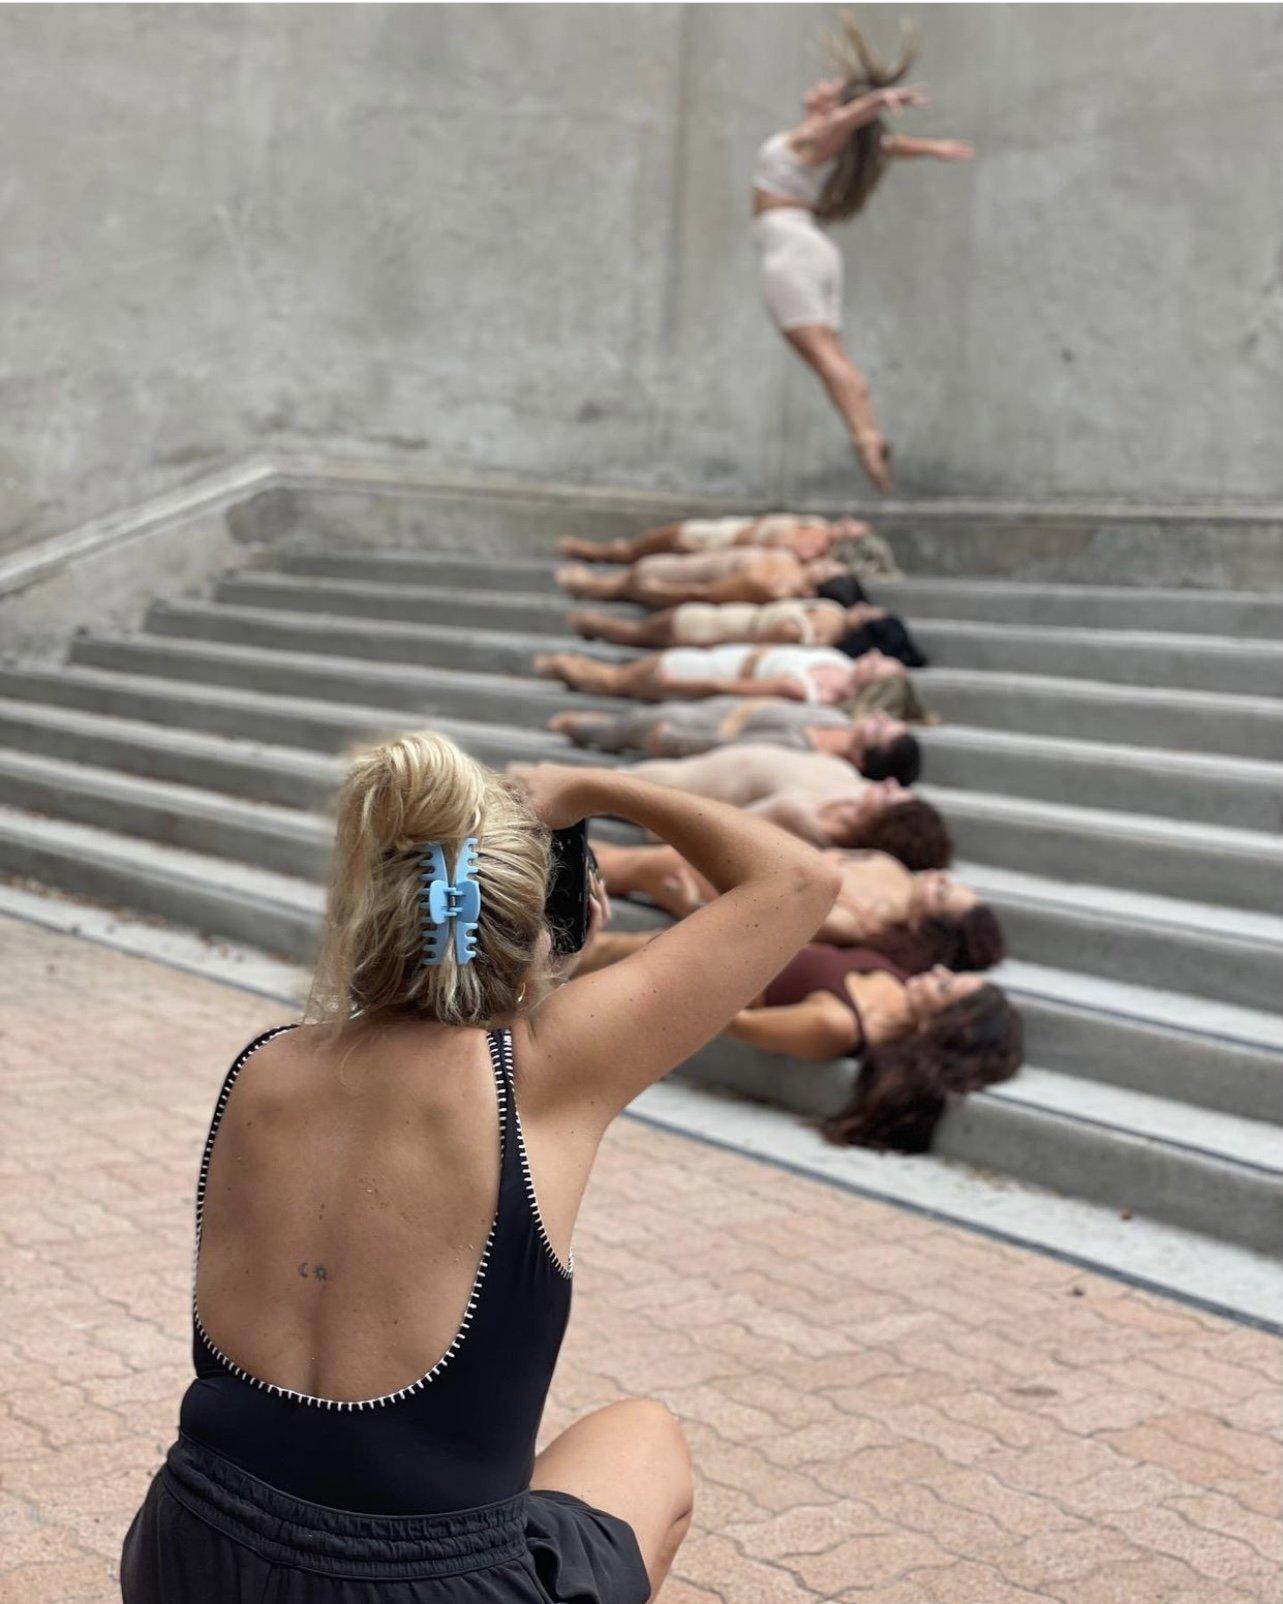 2xt dance company dancers